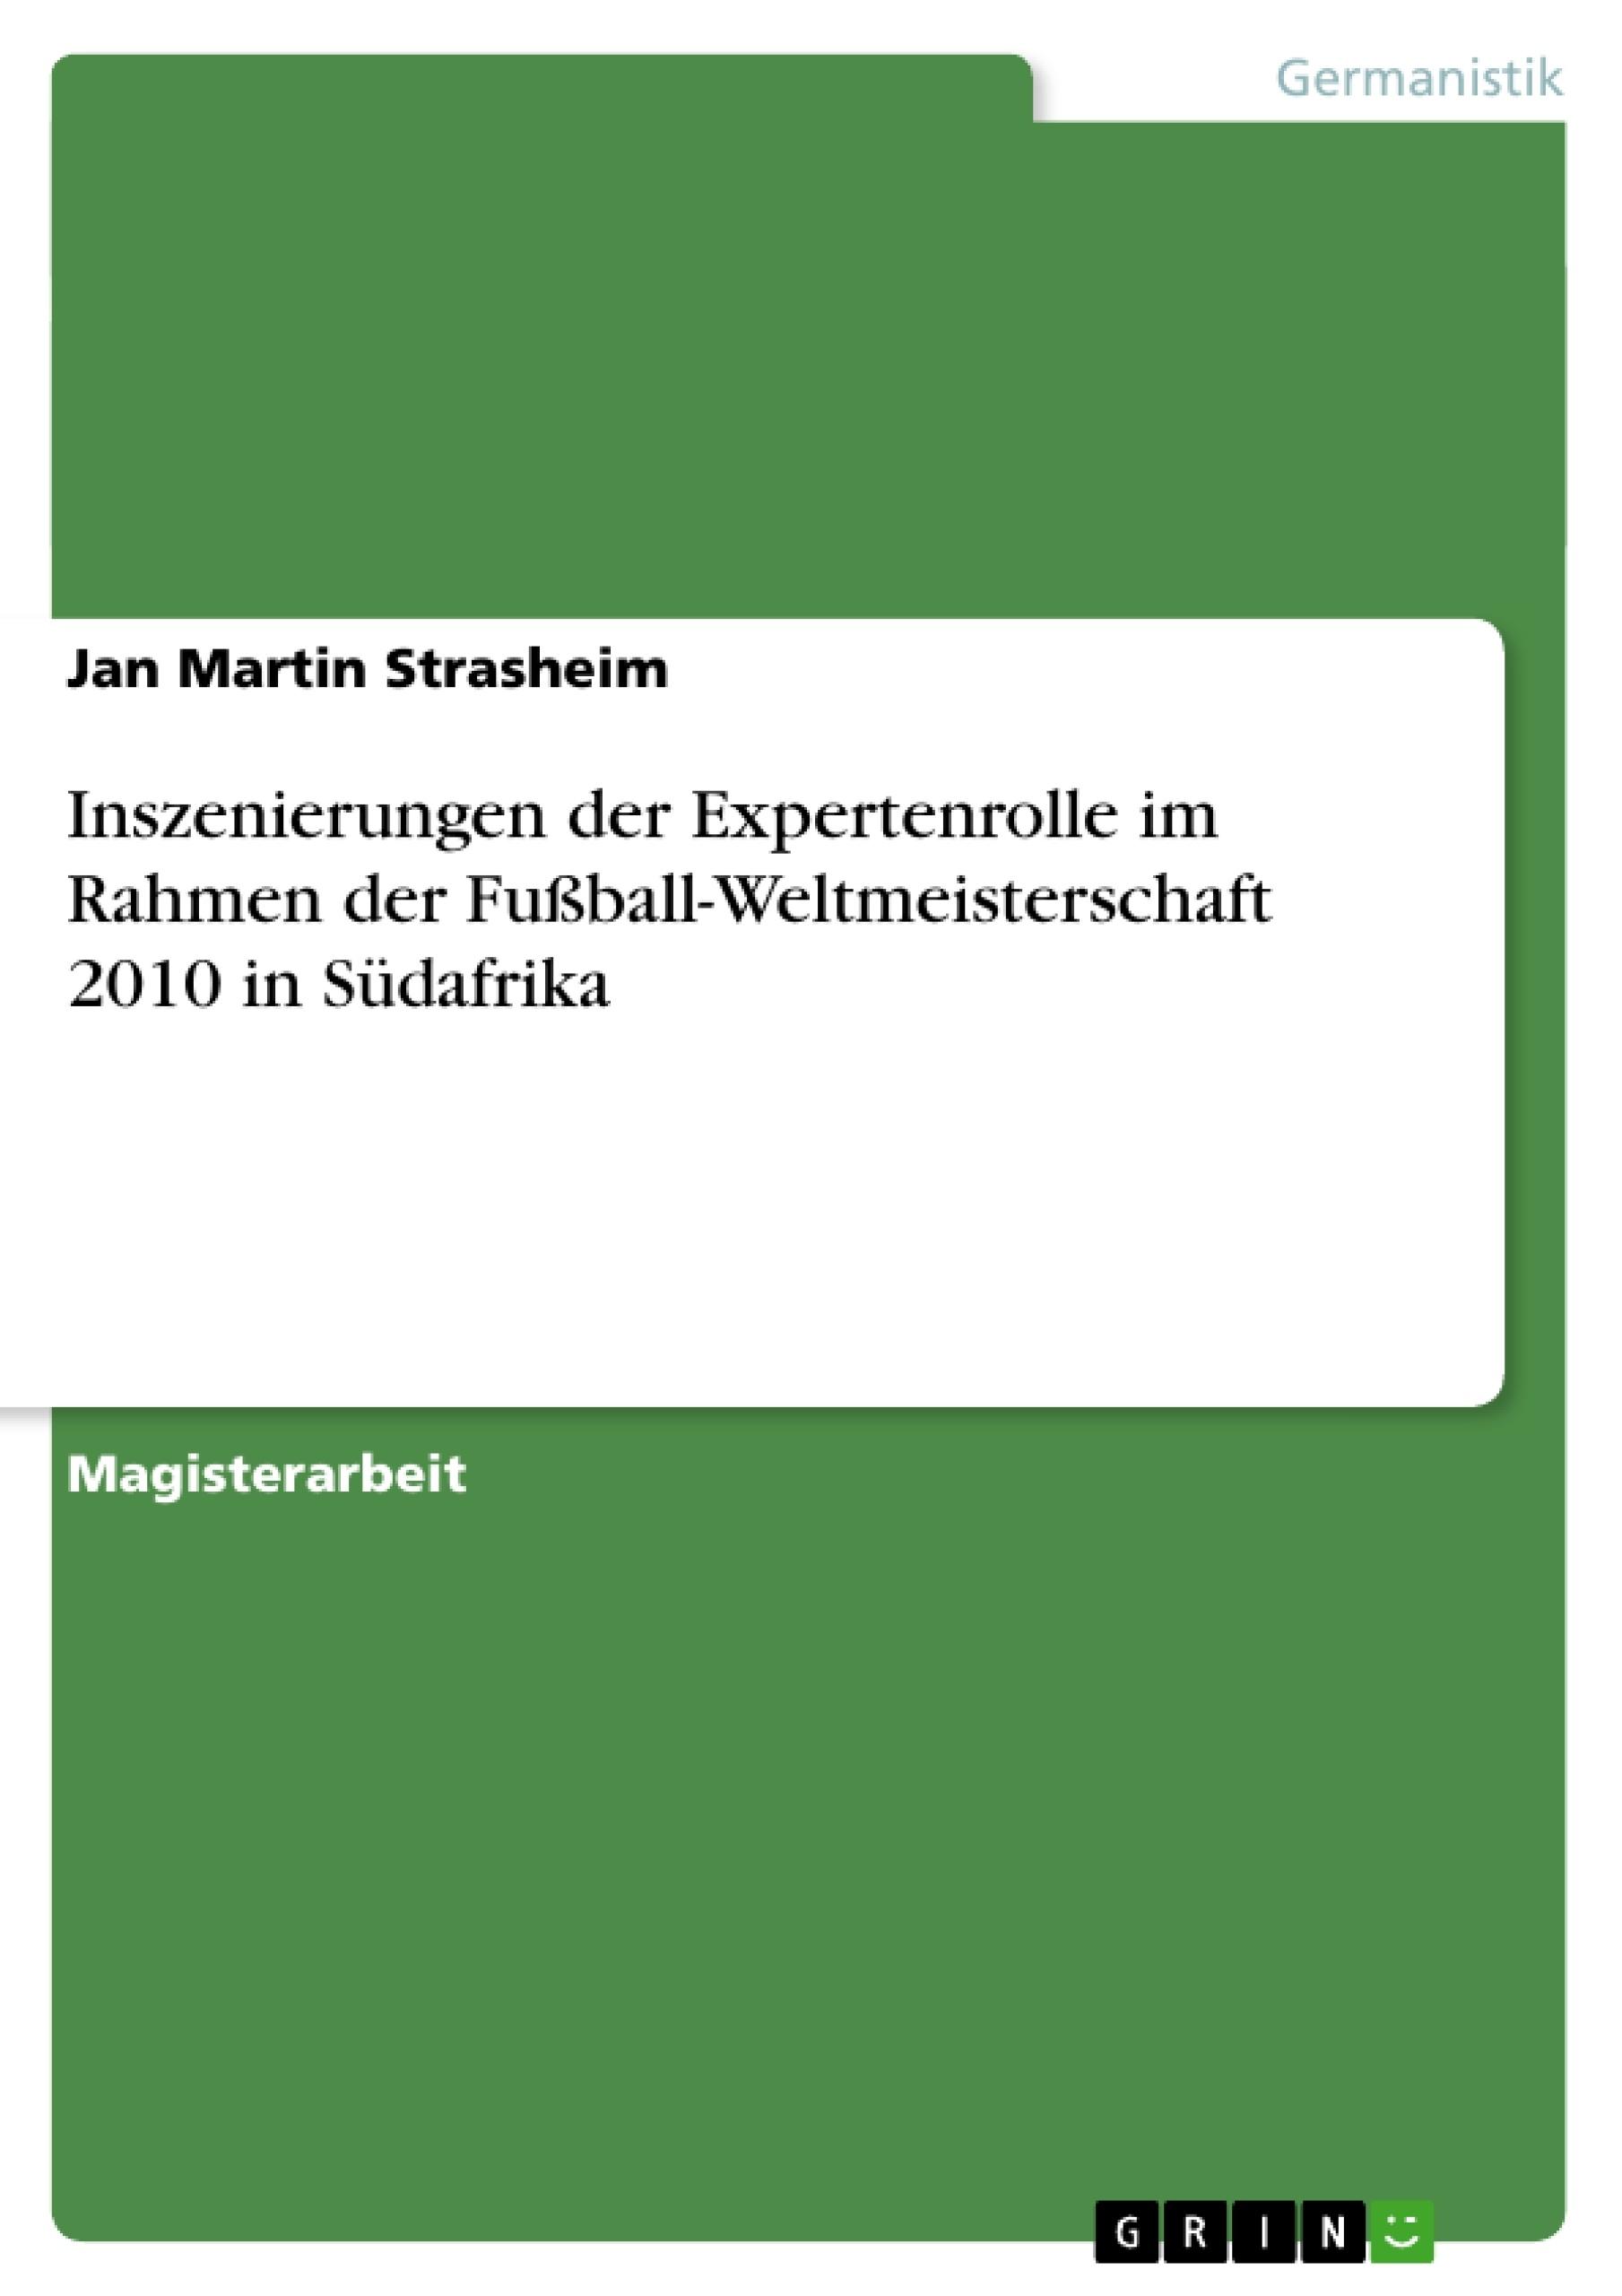 Titel: Inszenierungen der Expertenrolle im Rahmen der Fußball-Weltmeisterschaft 2010 in Südafrika